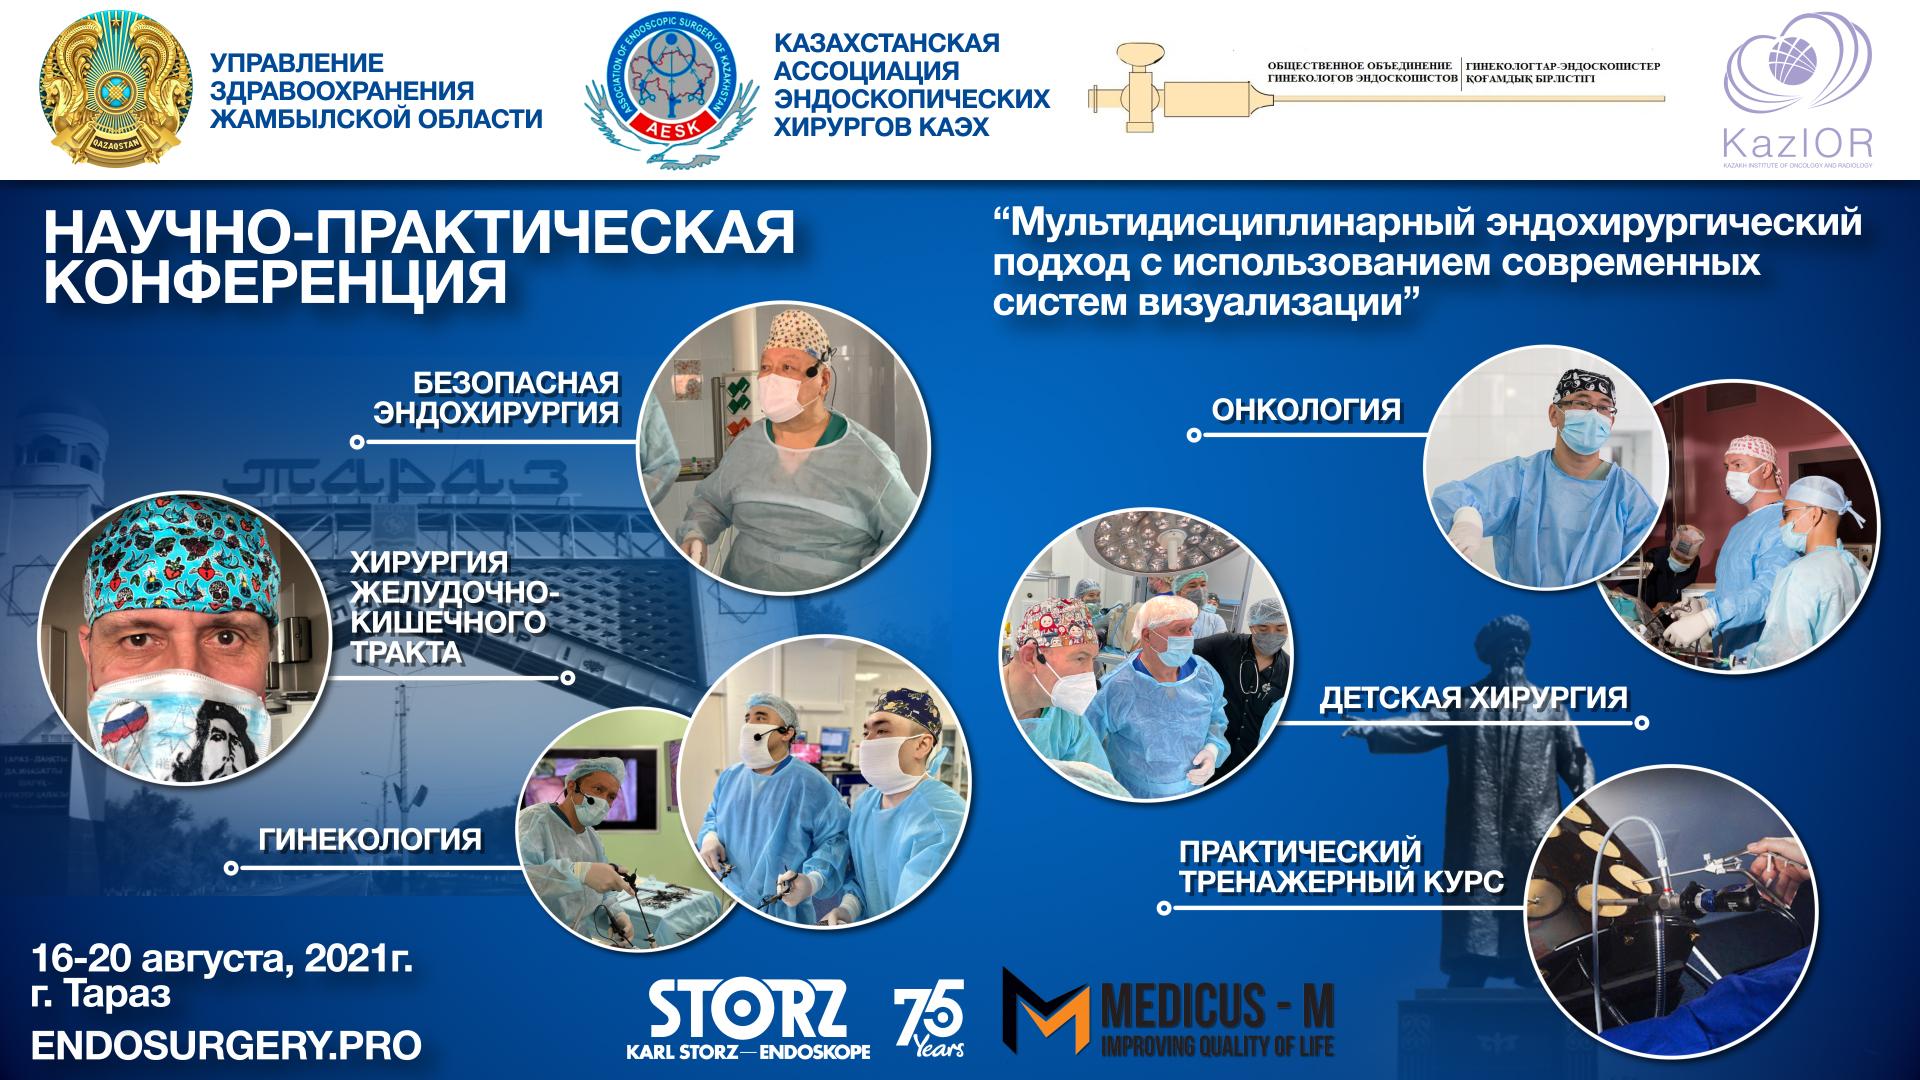 «Мультидисциплинарный эндохирургический подход с использованием современных средств визуализации»